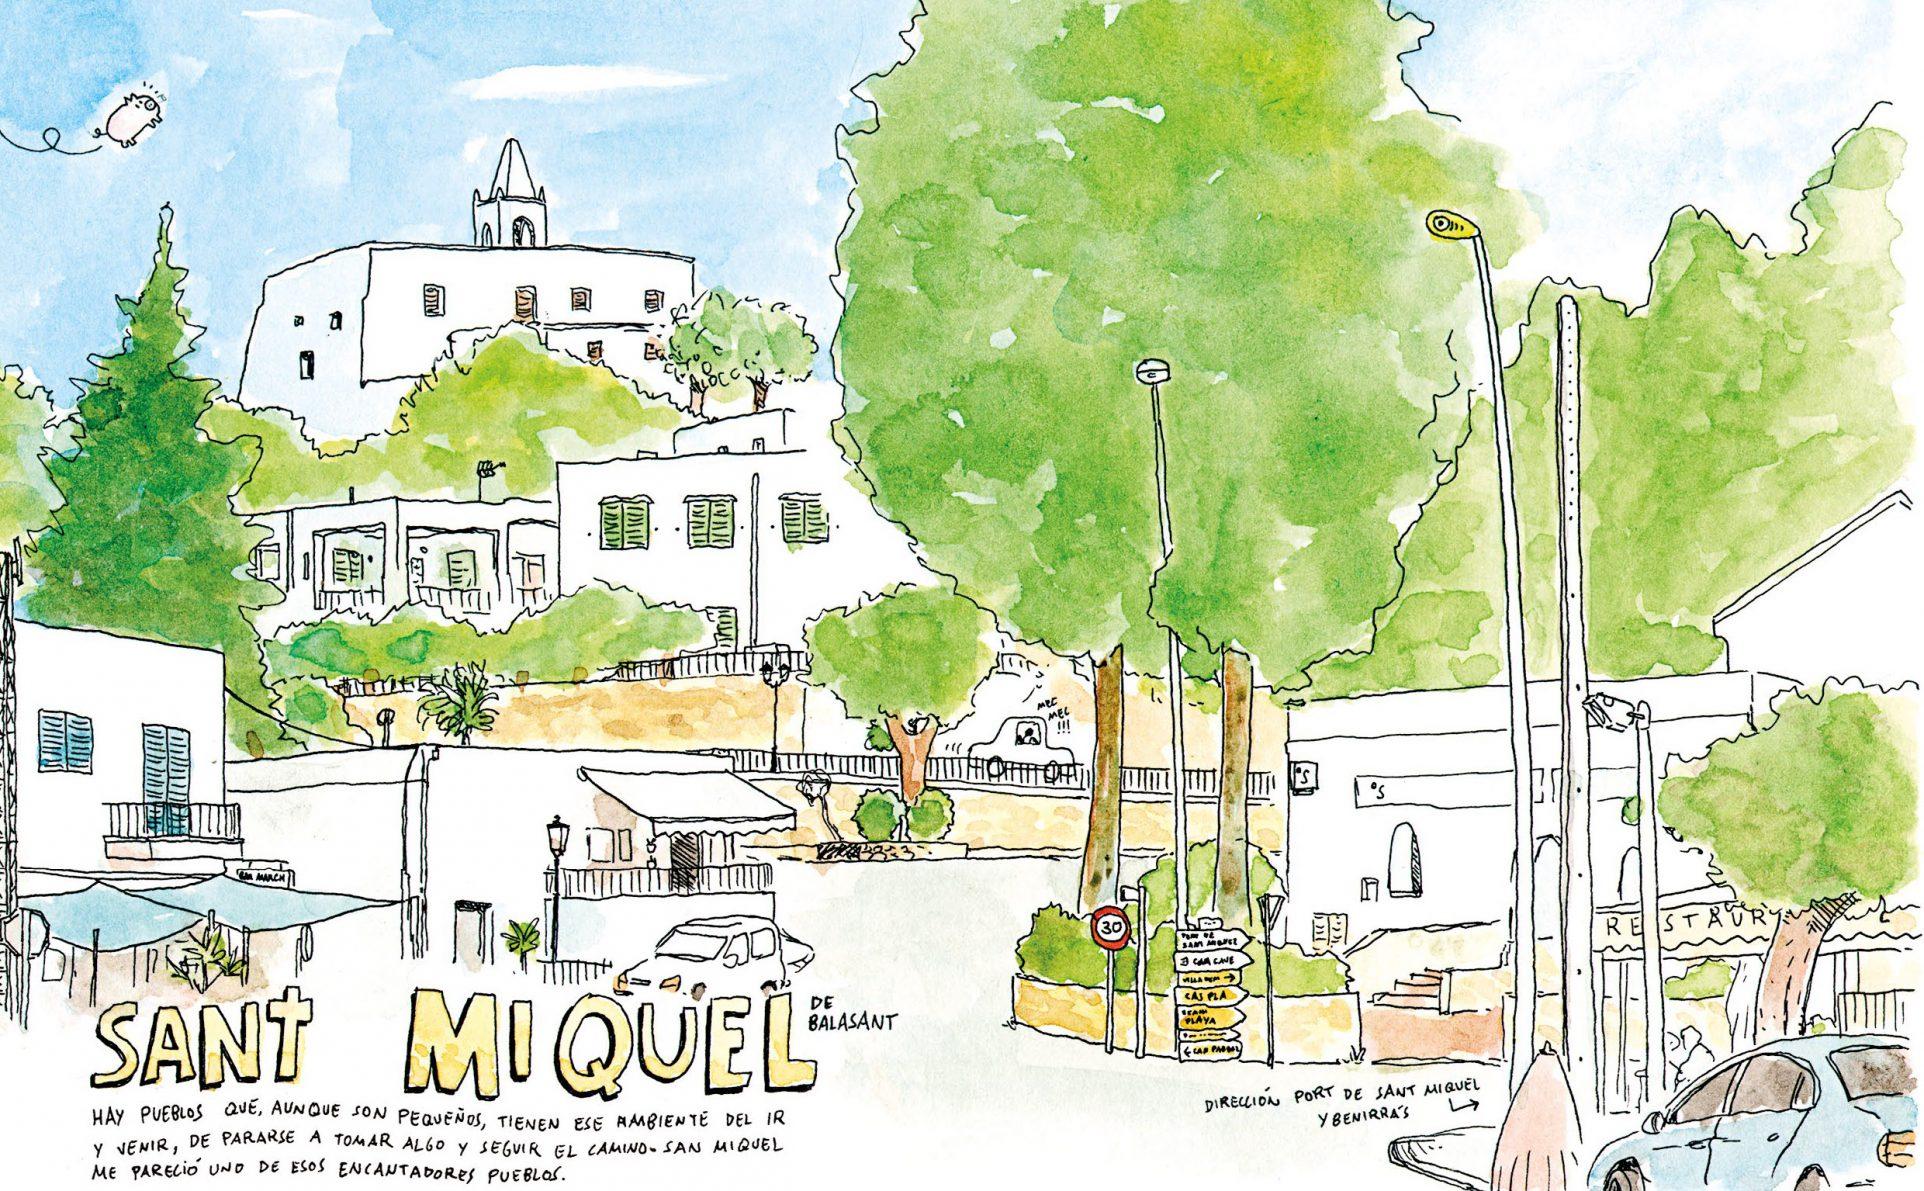 Detalle de una ilustración en acuarela y tinta sobre papel de Sant Miquel. Dibujo Urban sketchers